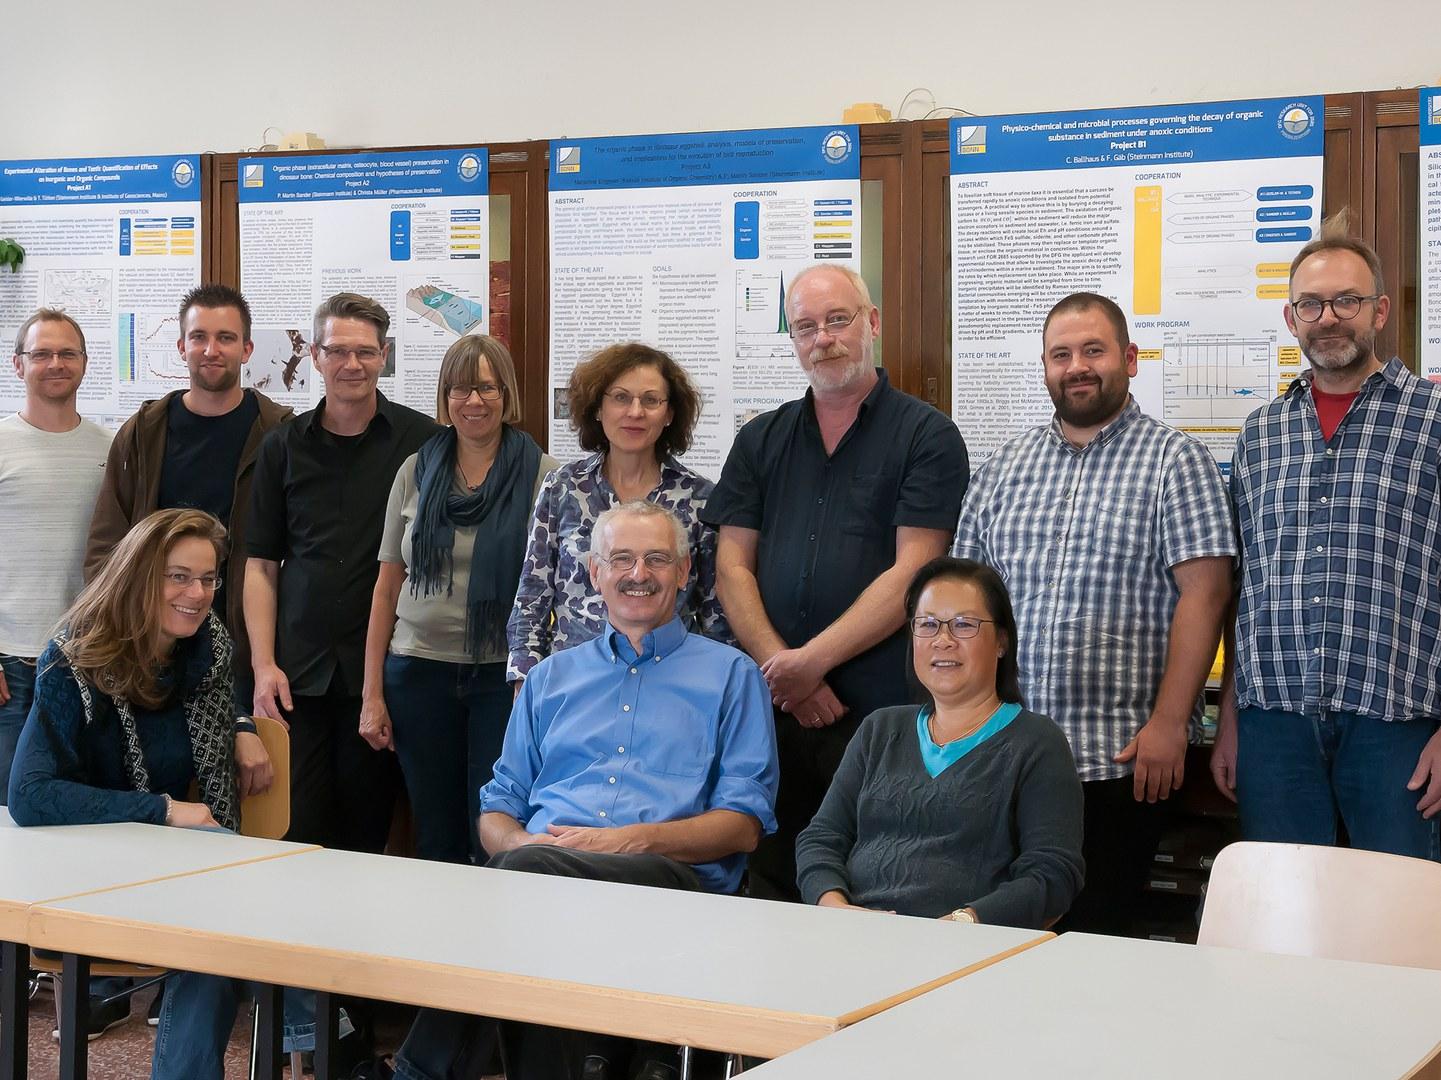 Die Mitglieder der neuen Forschergruppe